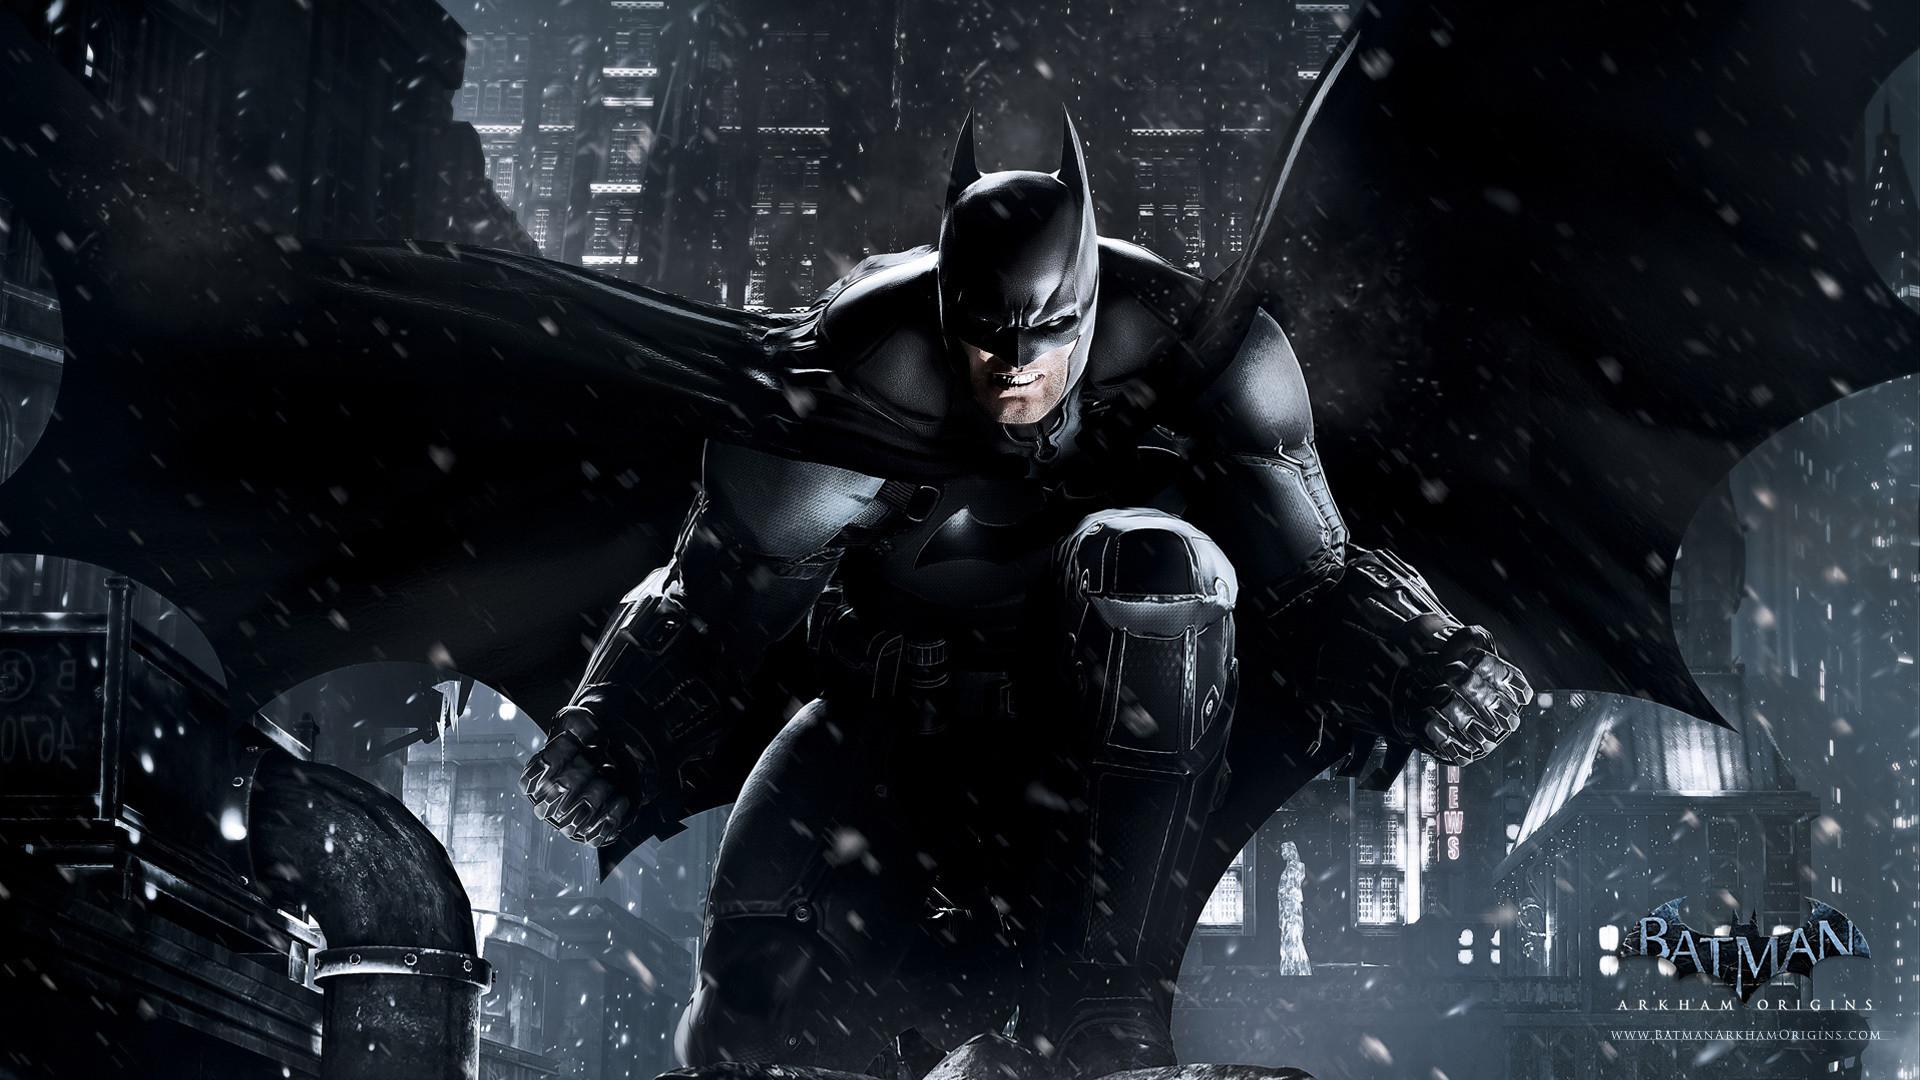 Batman Arkham Origins Wallpaper: Batman Arkham Origins Wallpaper HD (84+ Images